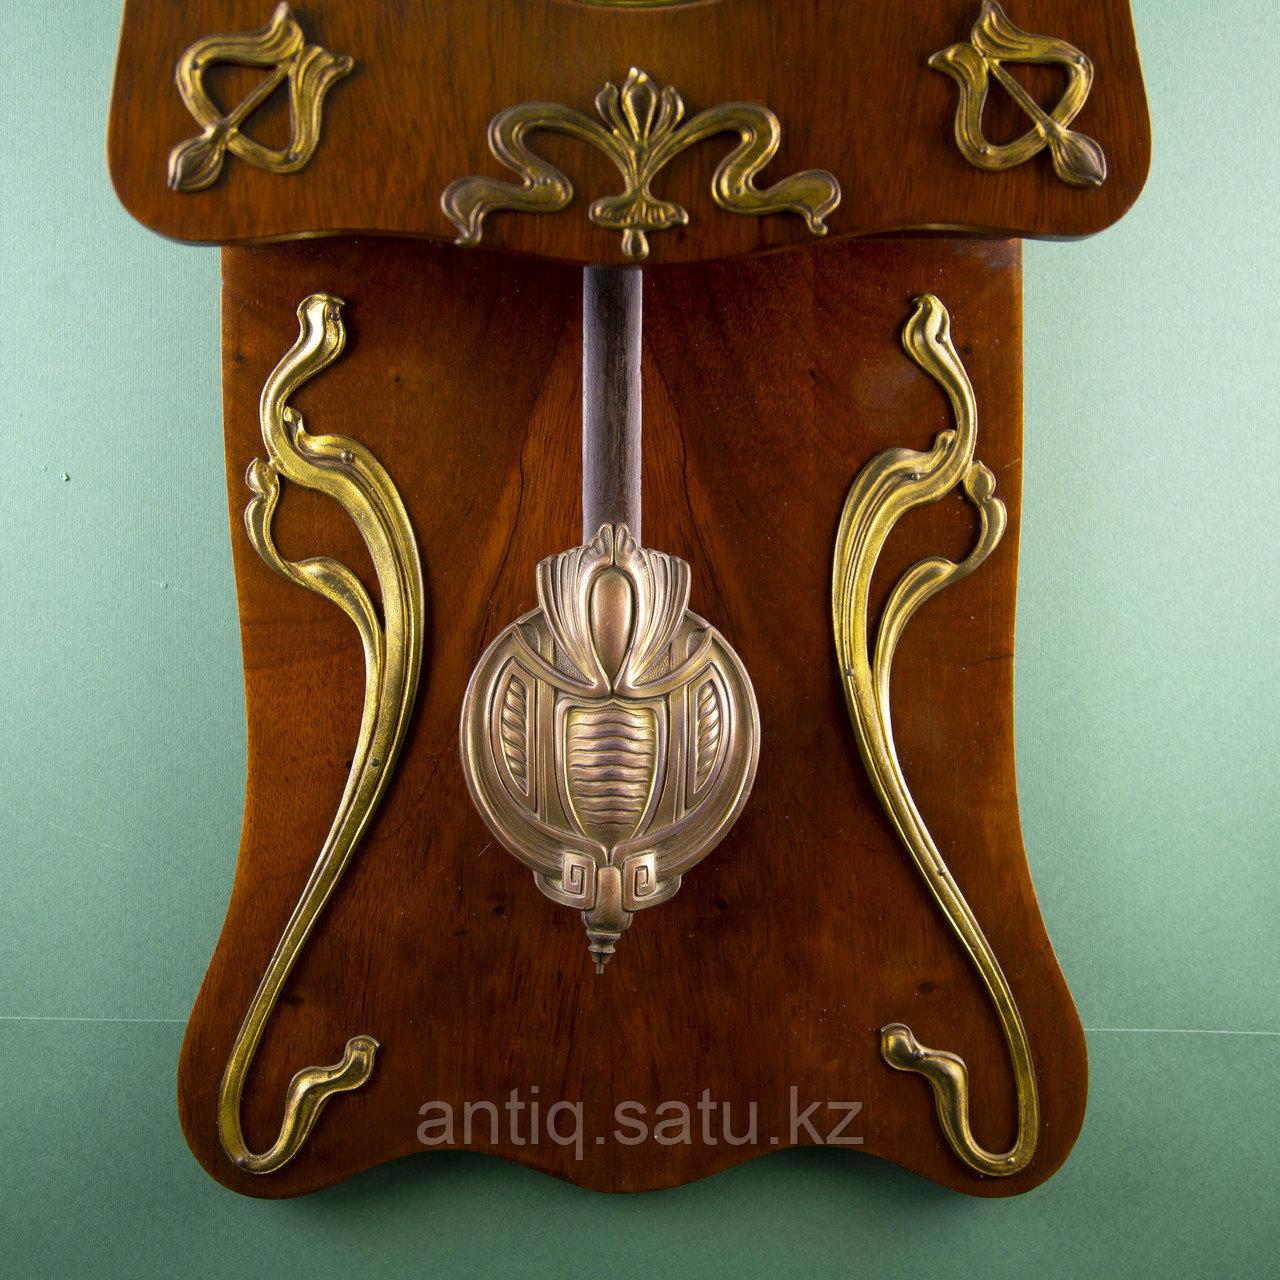 Редкие часы в стиле Ар Нуво. Часовая мастерская Junghans Германия. 1920-1930 годы. - фото 5